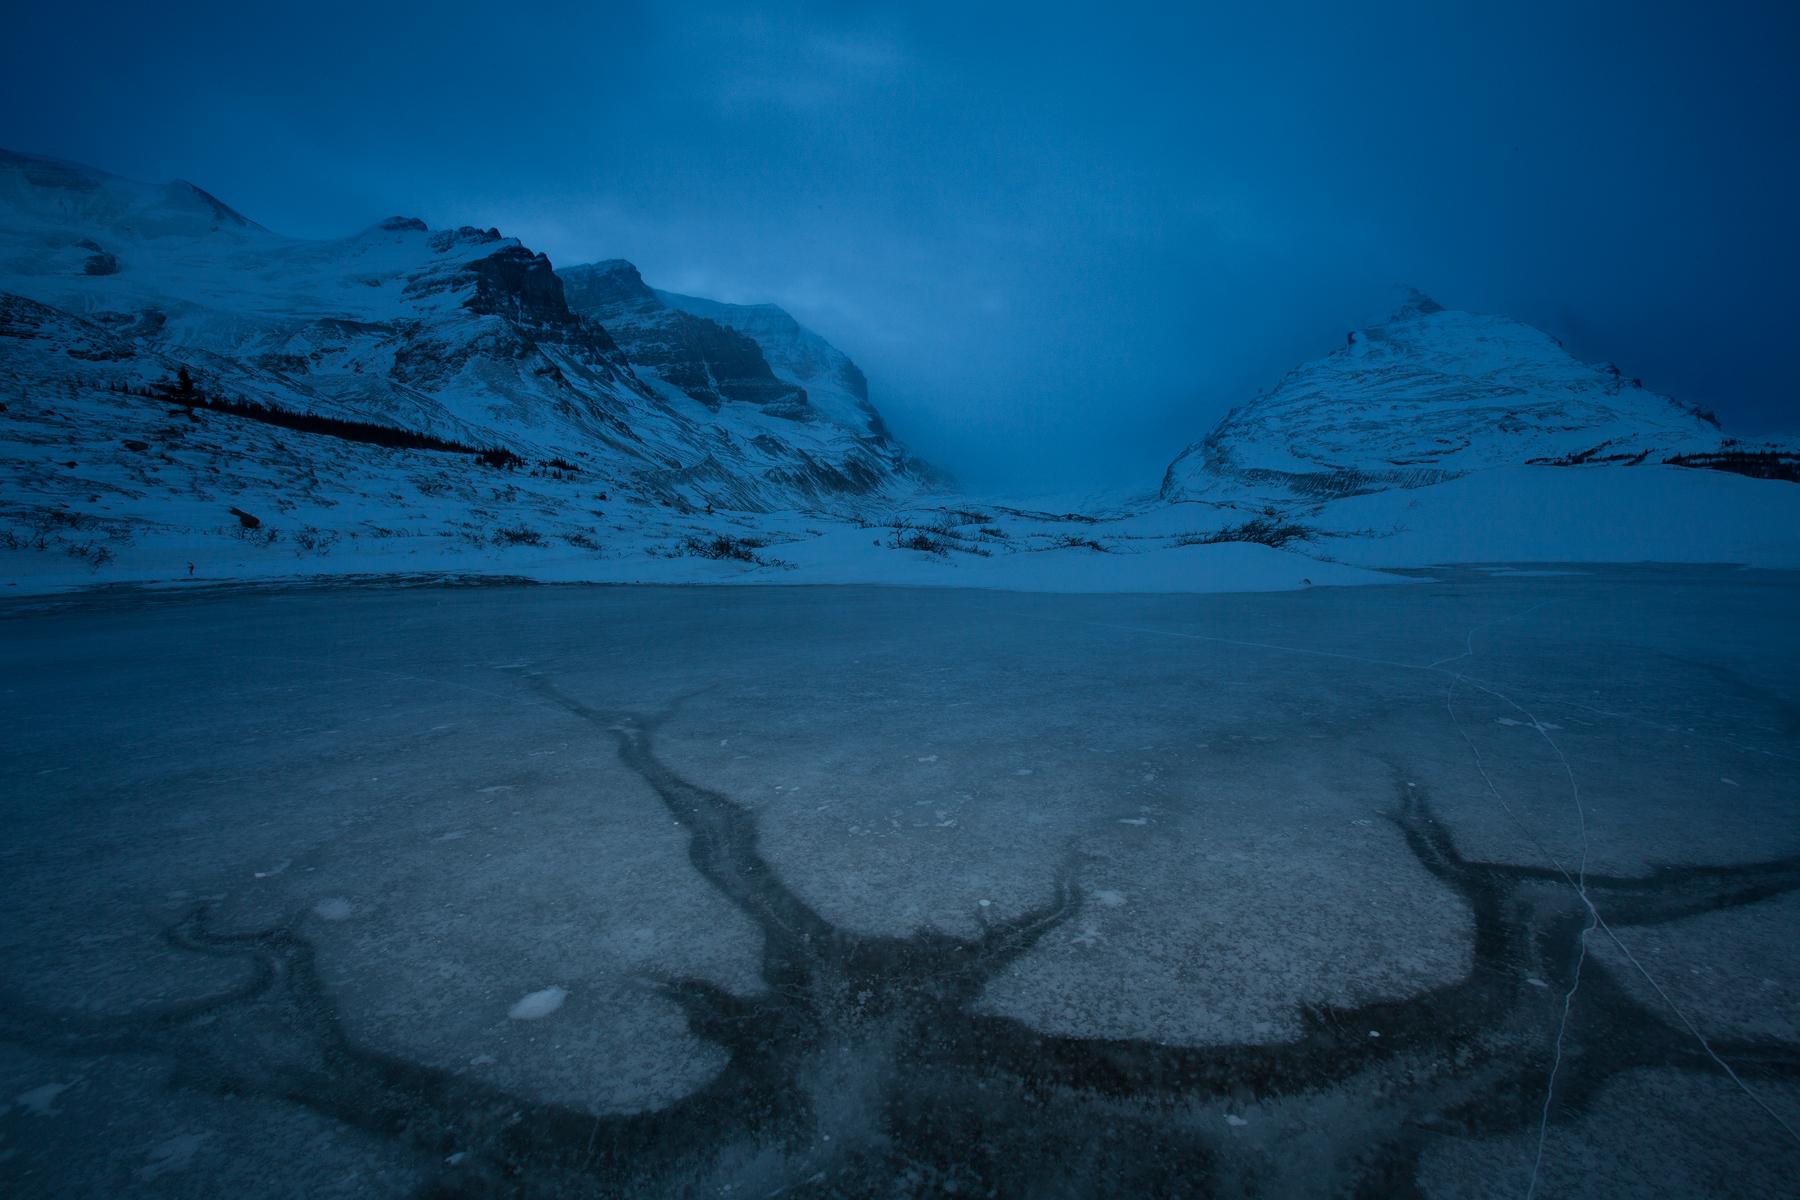 Dusk sets at a frozen pond in Jasper National Park, Canada.  Image ©Connor Stefanison